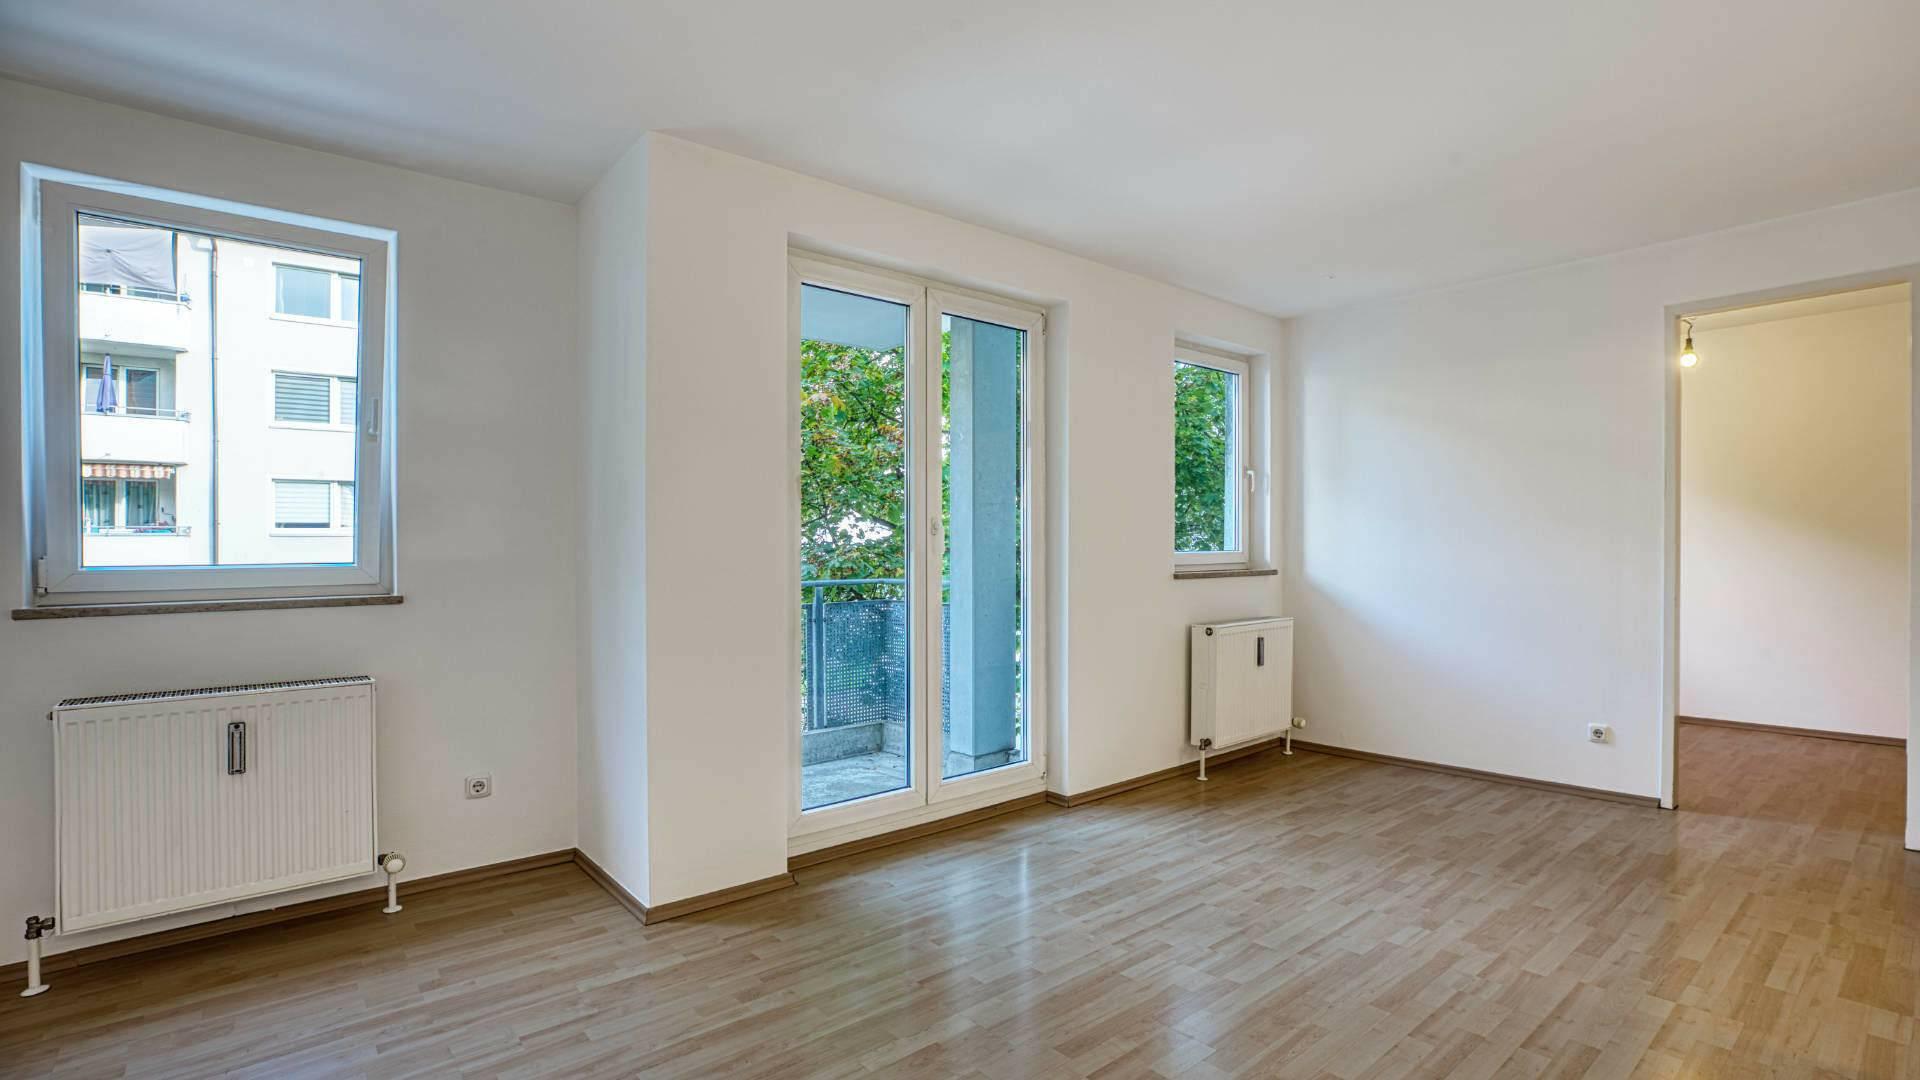 Moosach Wohnung kaufen Wohnzimmer